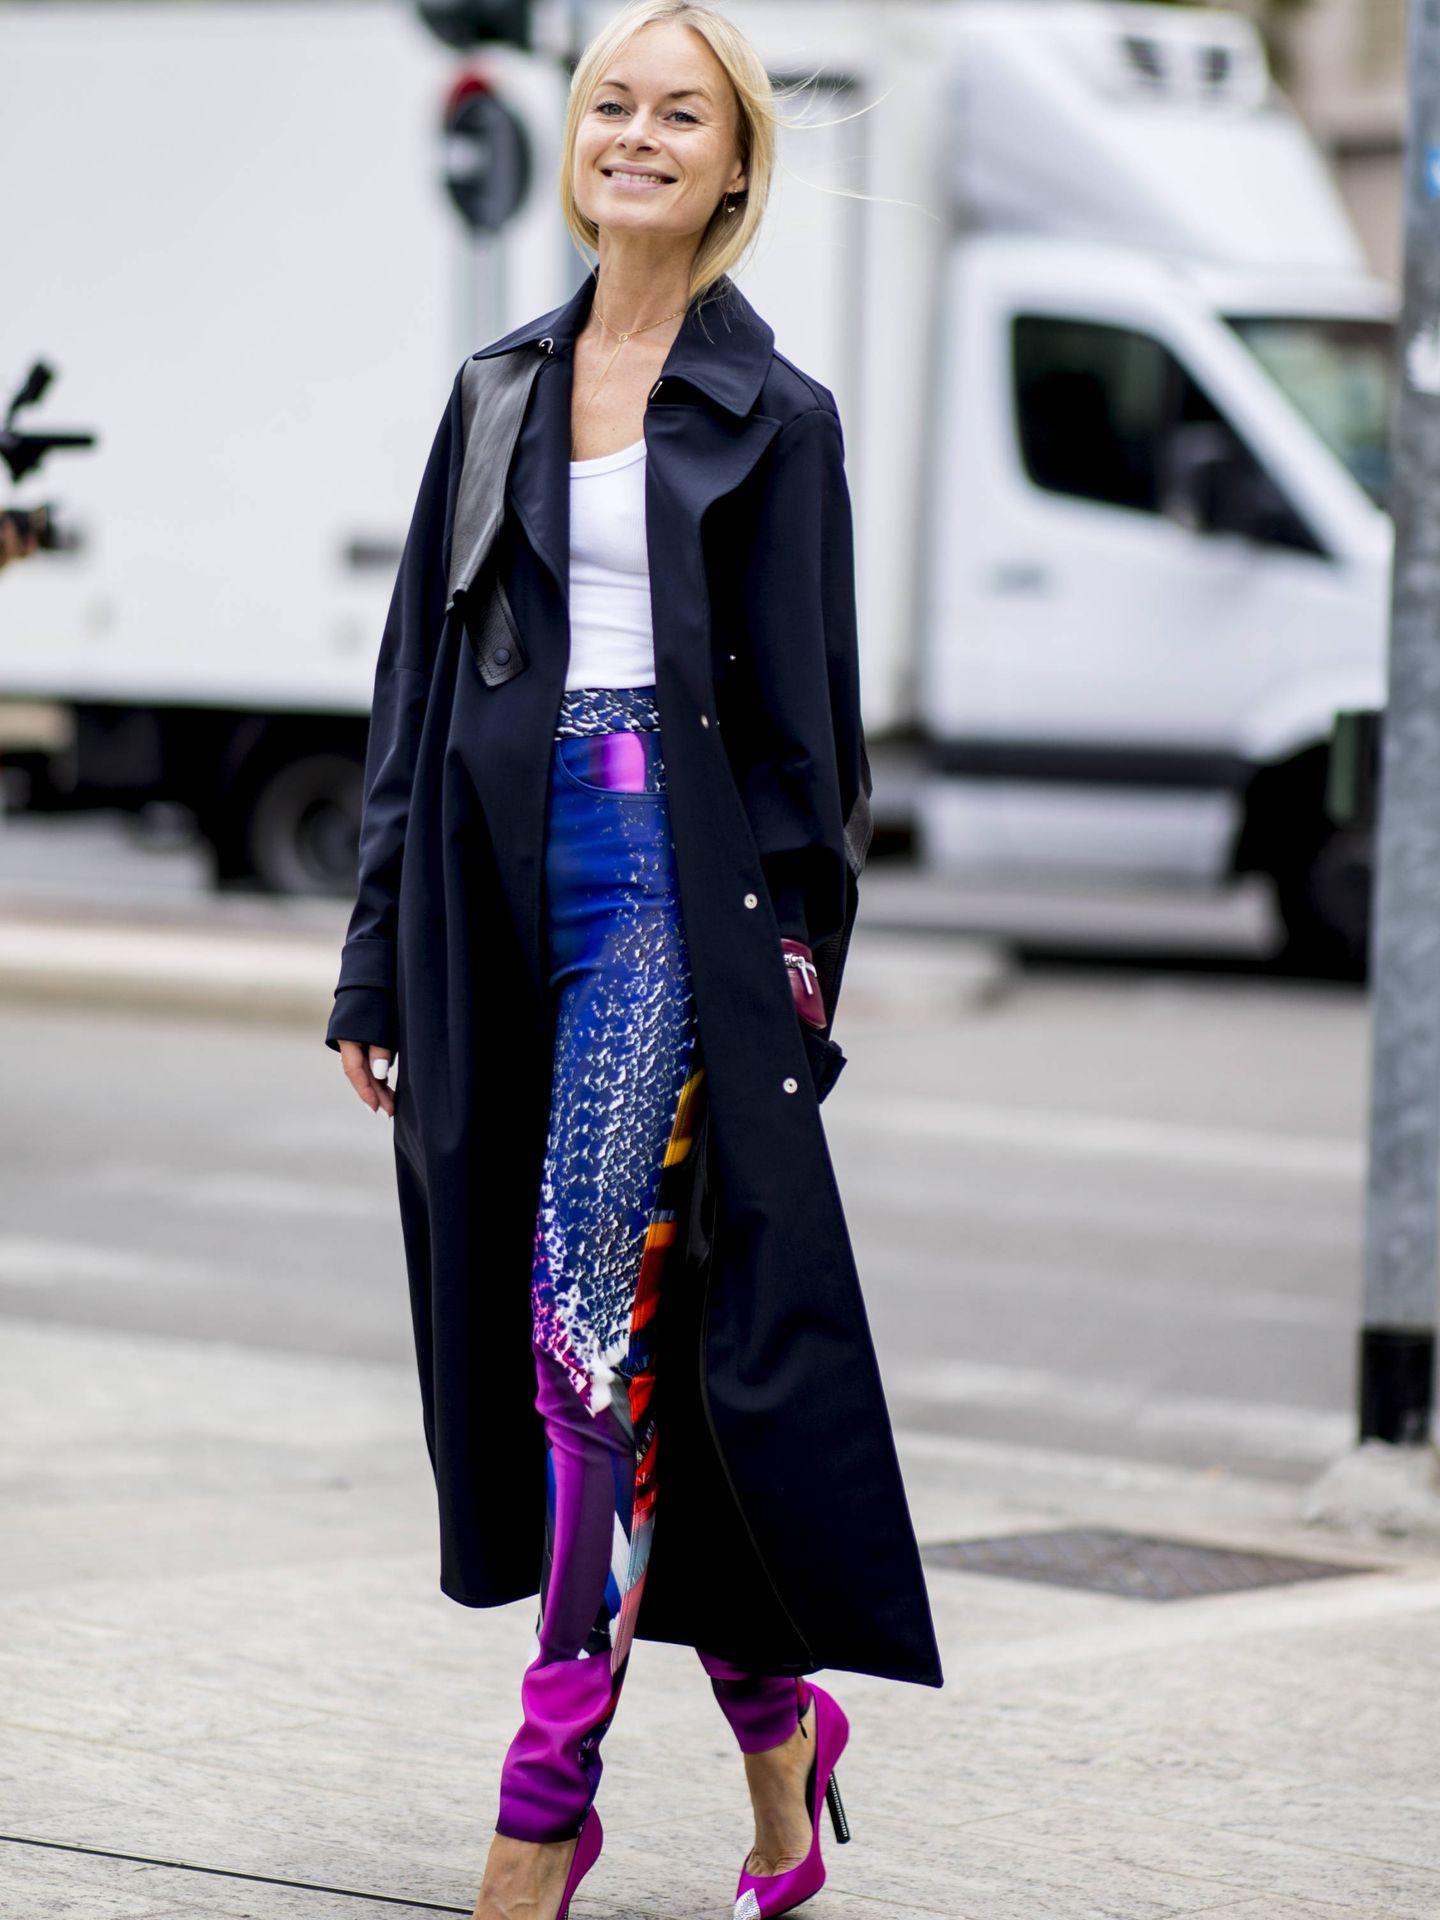 Un look con leggings en el street style. (Cortesía)